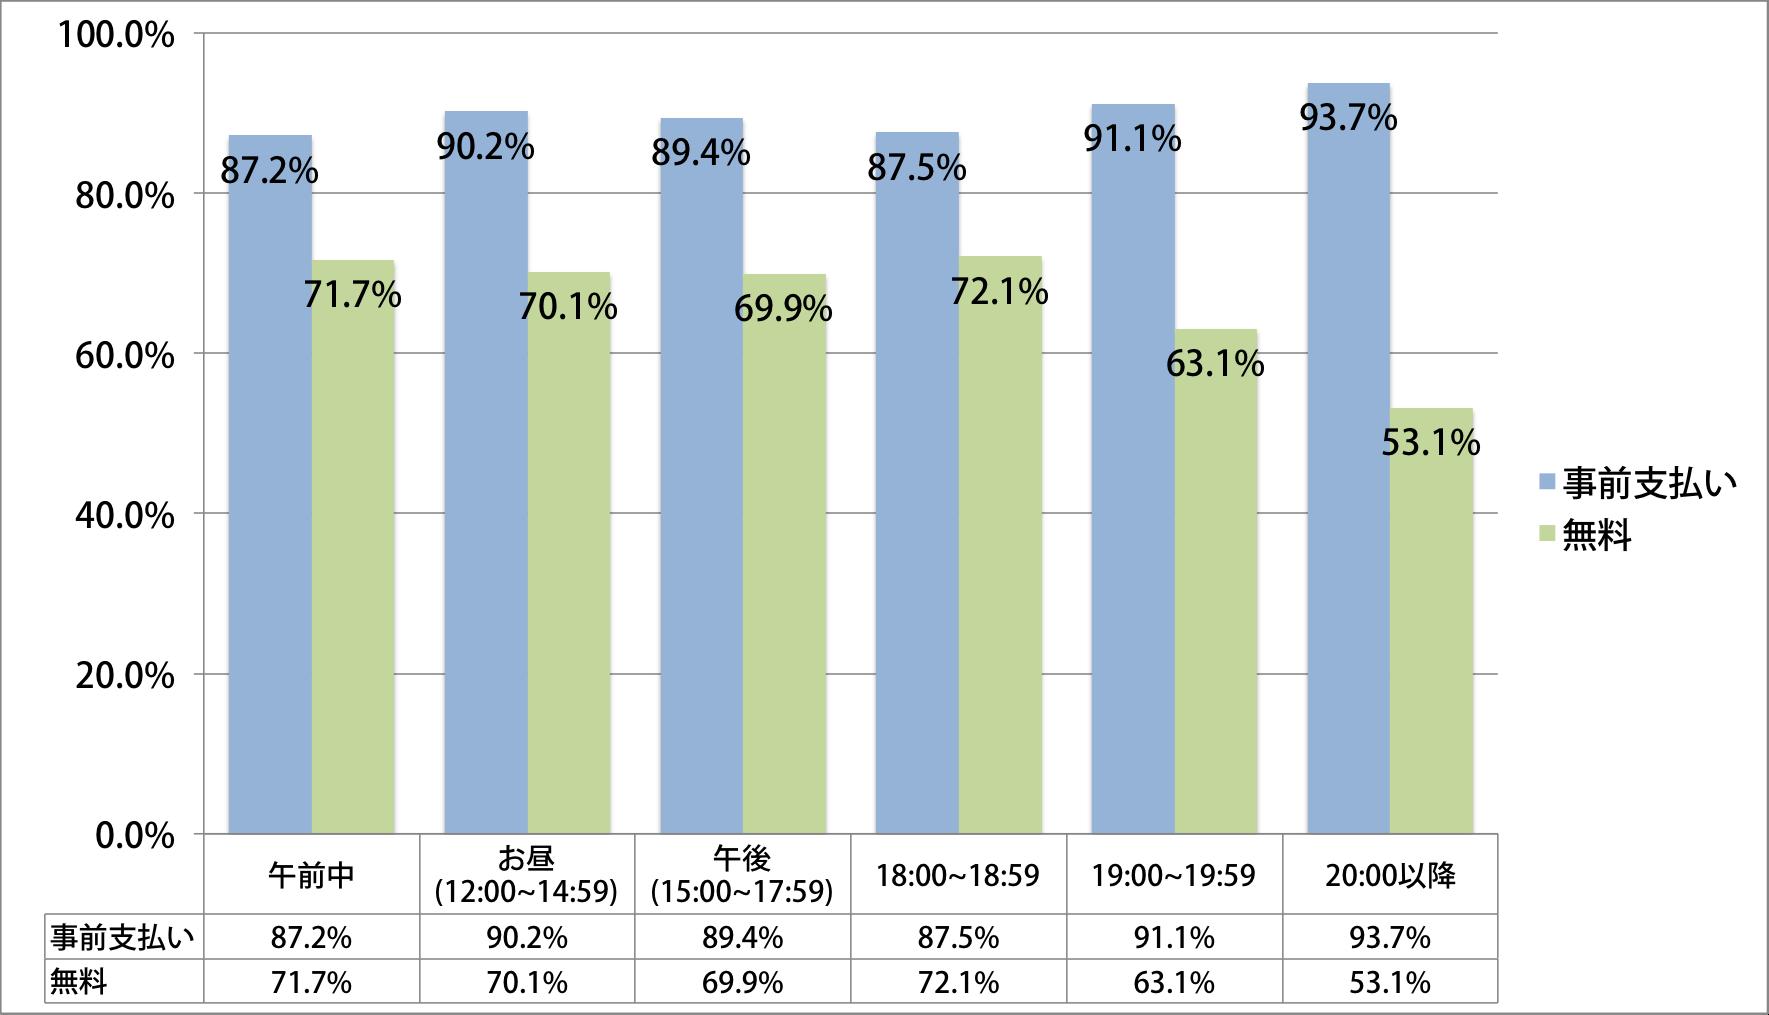 無料勉強会の平均出席率は67.5% ...